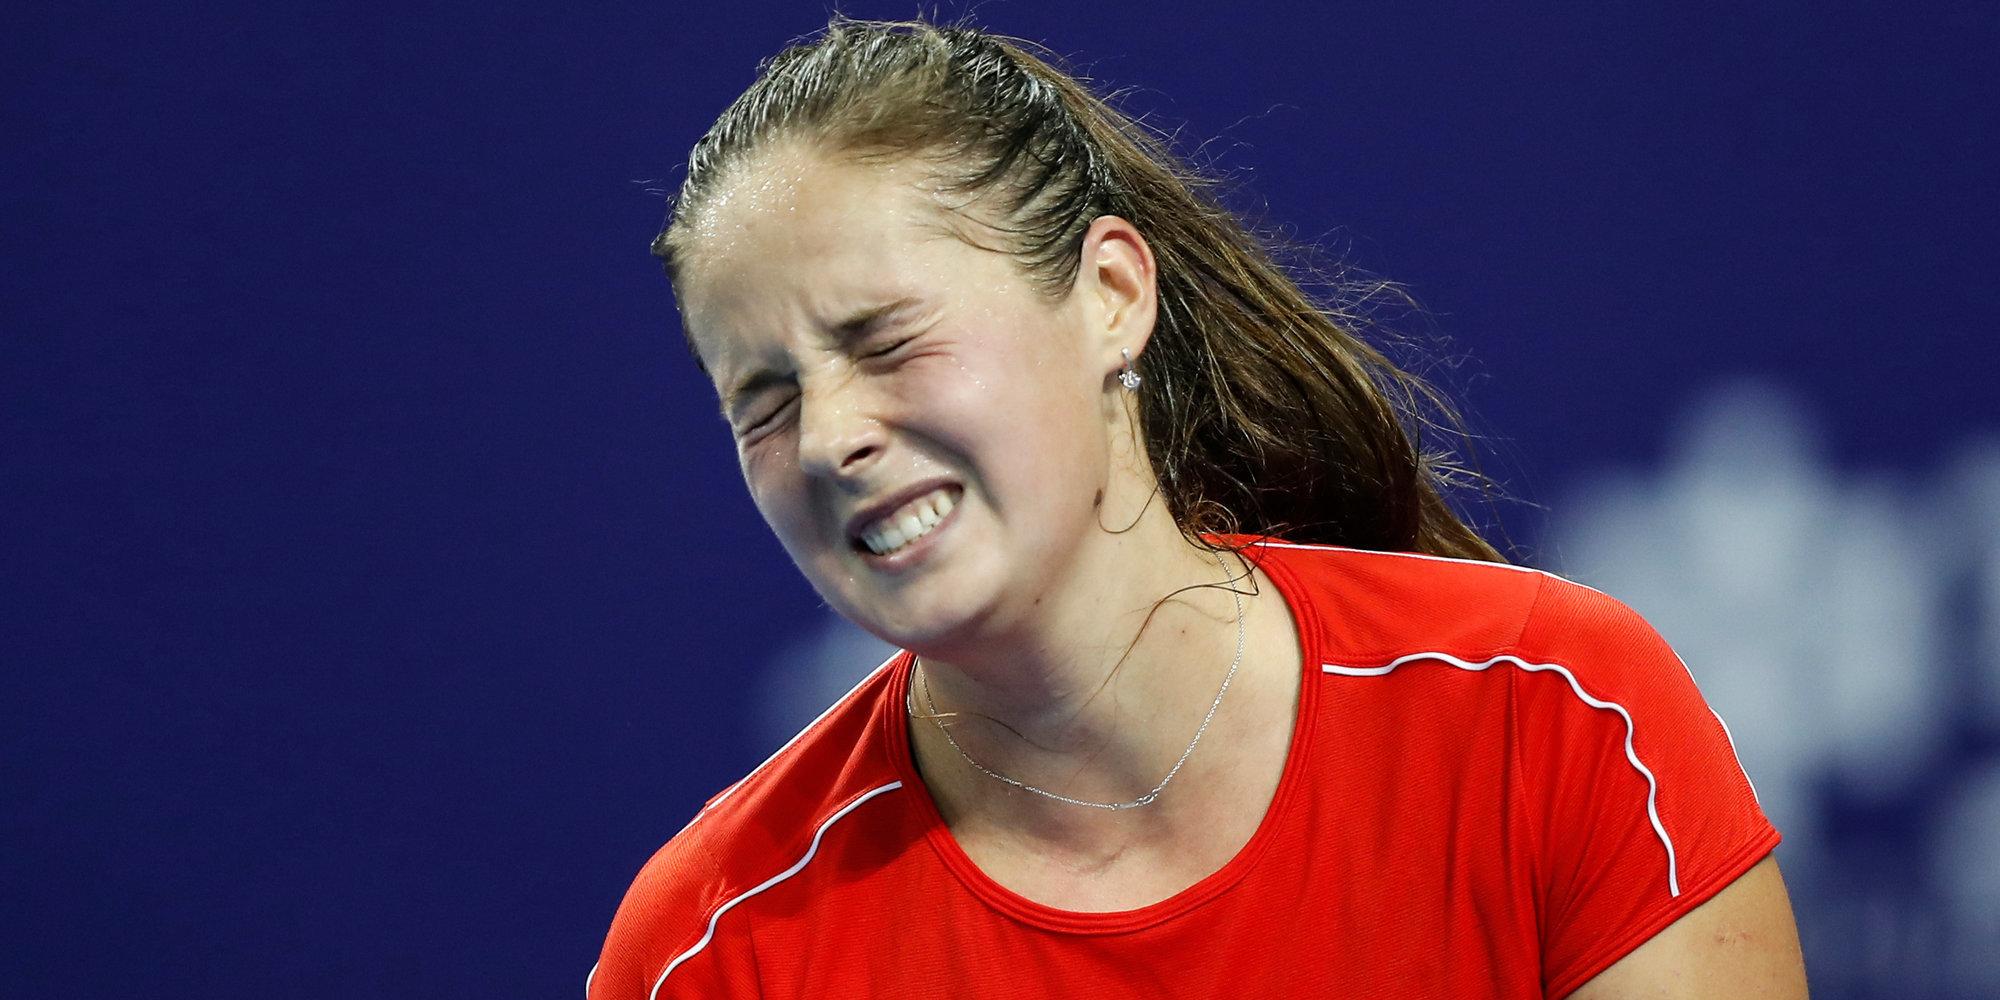 Азаренко выбила из борьбы Касаткину на старте турнира в Испании